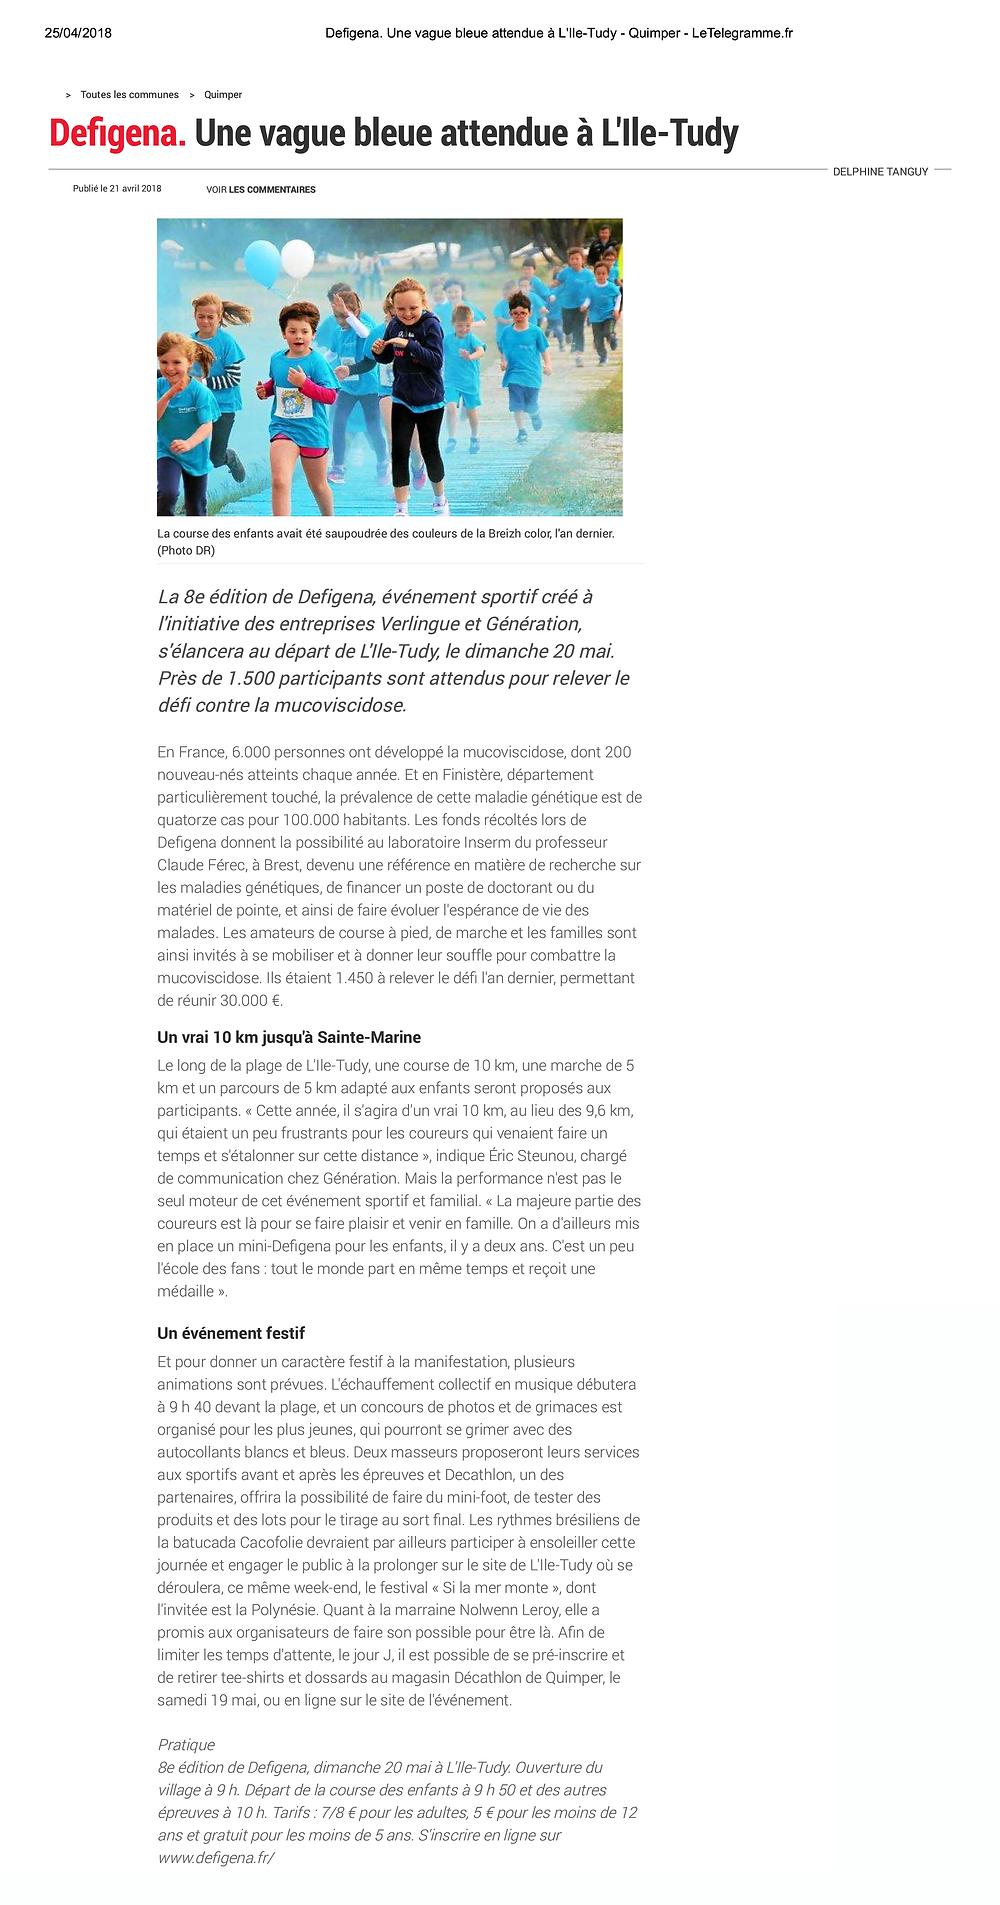 http://www.letelegramme.fr/finistere/quimper/defigena-une-vague-bleue-attendue-a-l-ile-tudy-21-04-2018-11934573.php